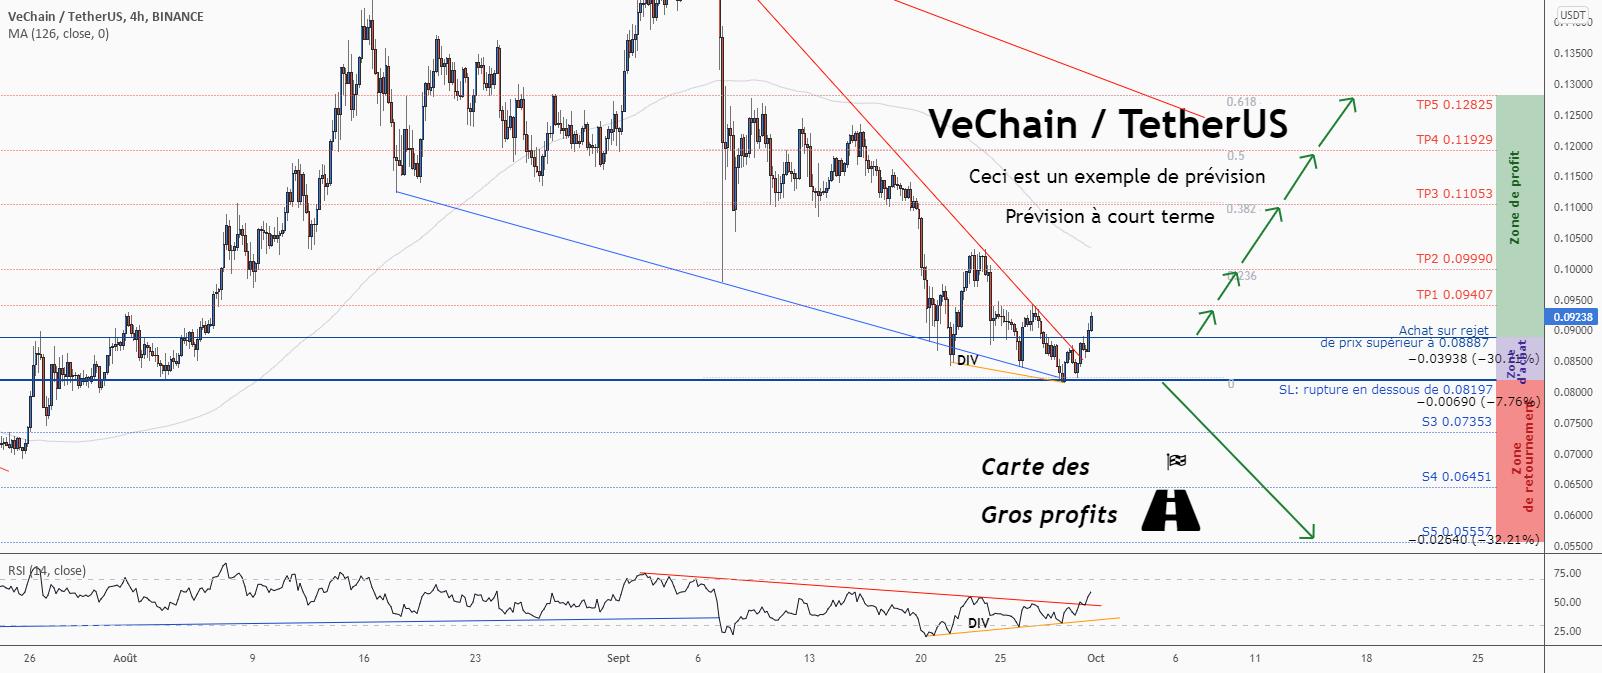 💡Ne manquez pas cette grande opportunité d'achat de VETUSD pour BINANCE:VETUSDT par ForecastCity_Francais